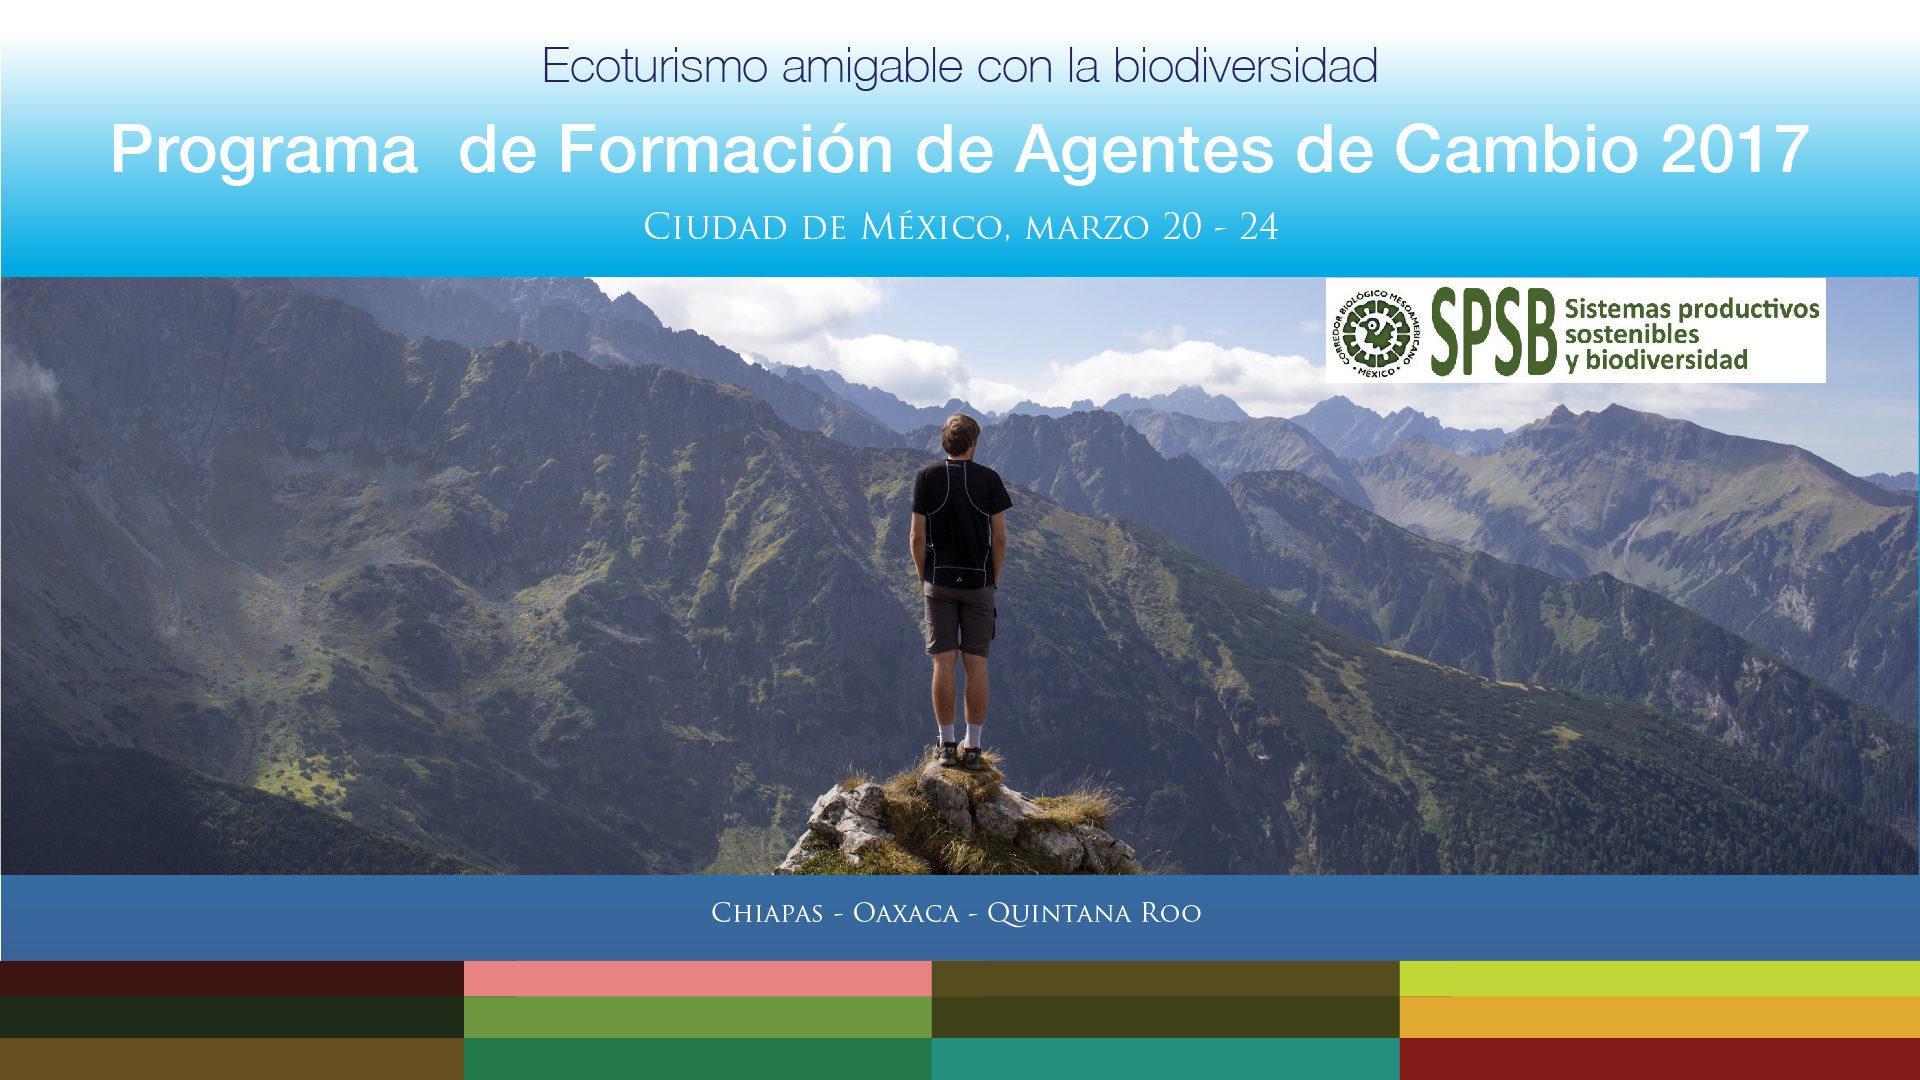 Ecoturismo Amigable con la Biodiversidad